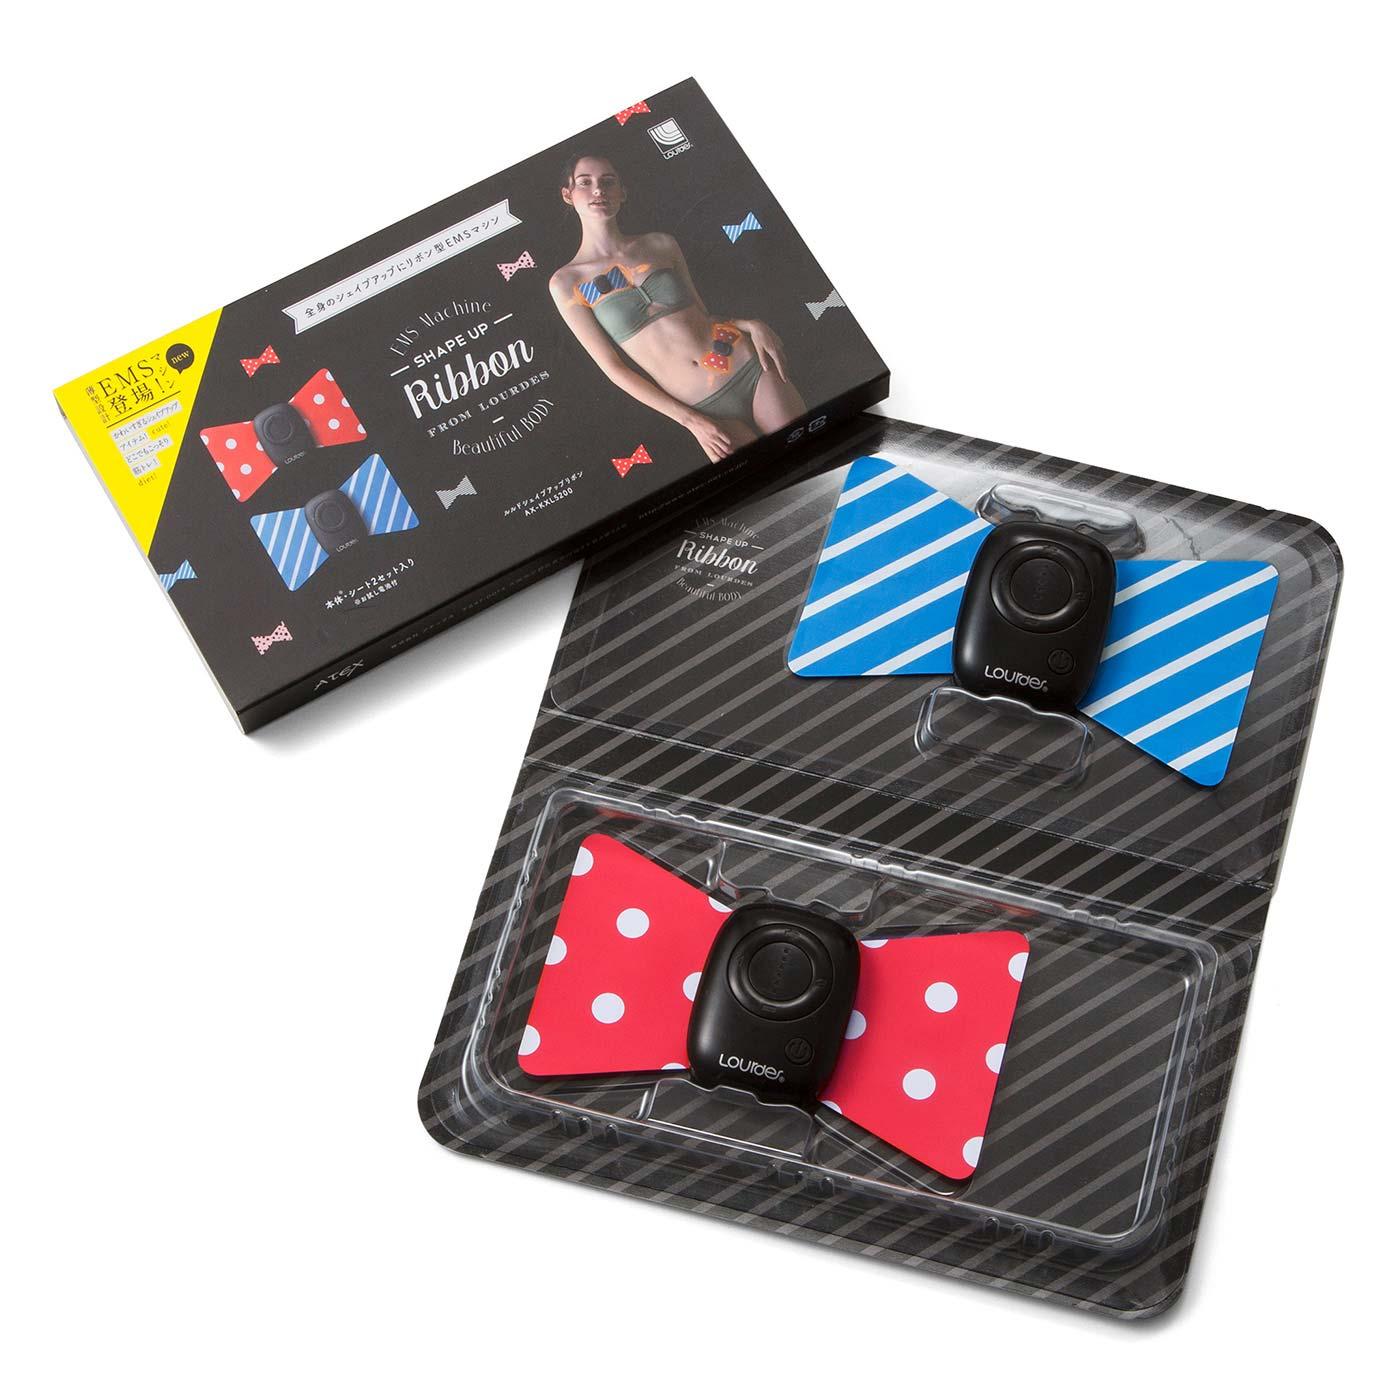 ブルーとレッドの2個セット。パッケージ、保証書(3ヵ月)、テスト電池付き。